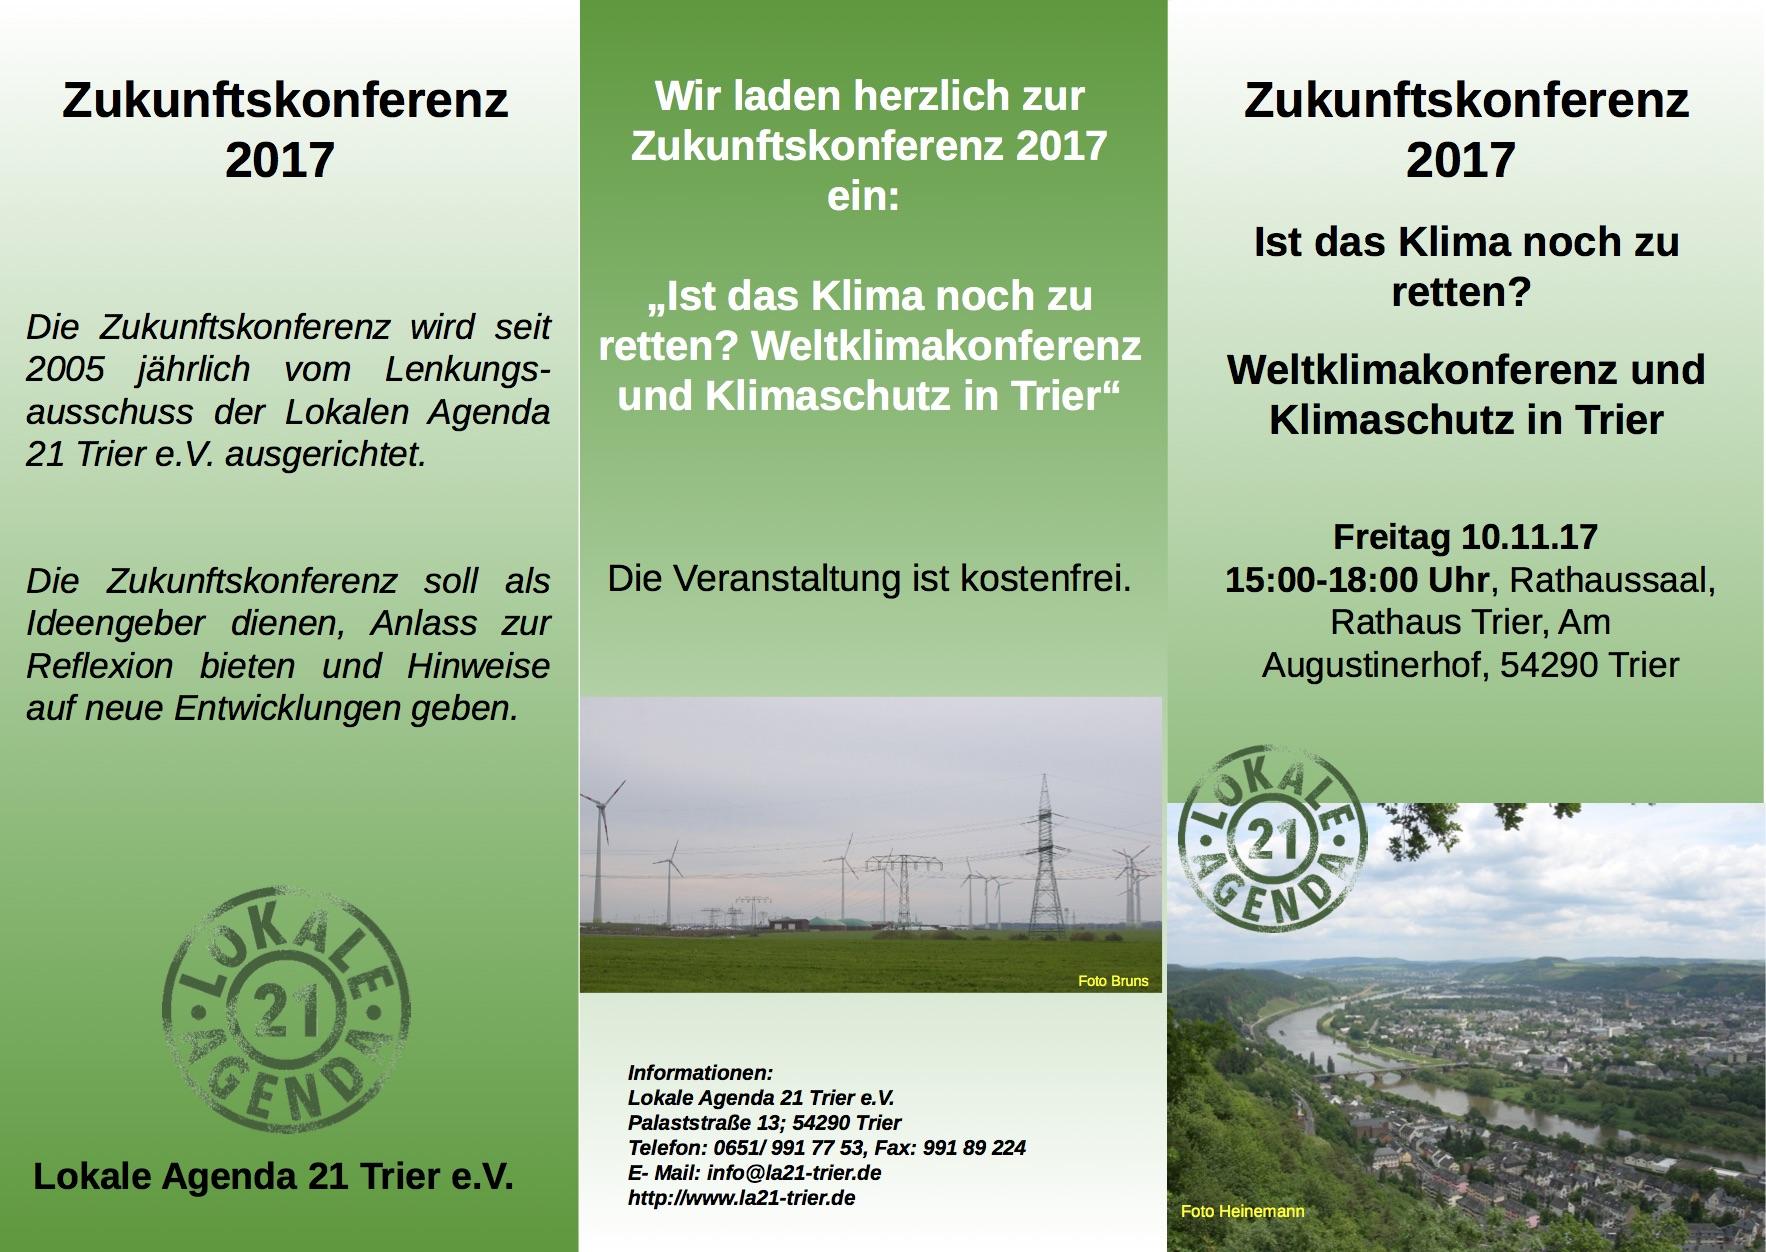 Zukunftskonferenz zum Klimawandel in Trier